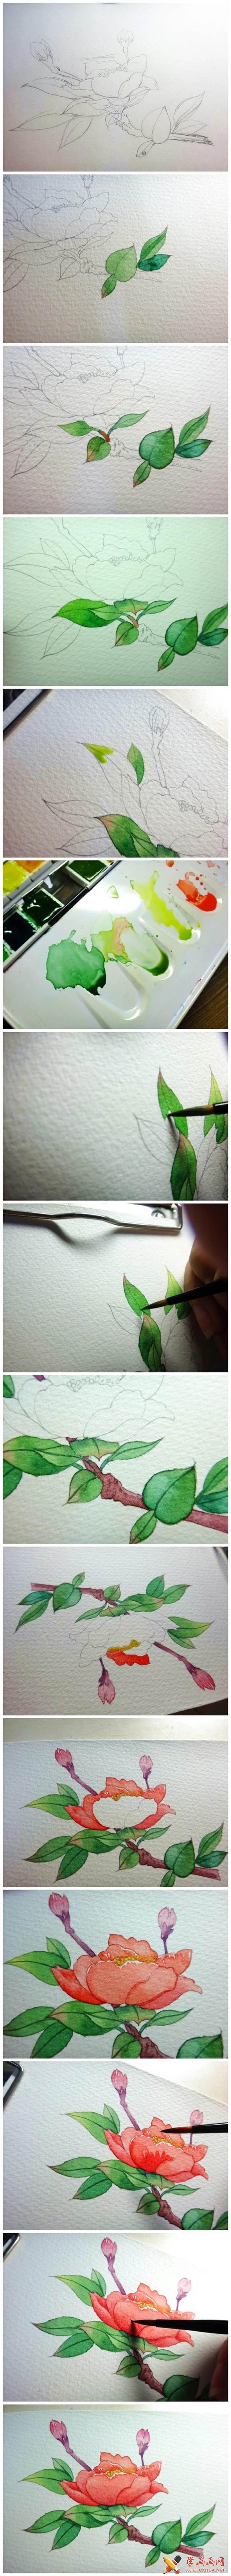 水彩画牡丹教程(1)